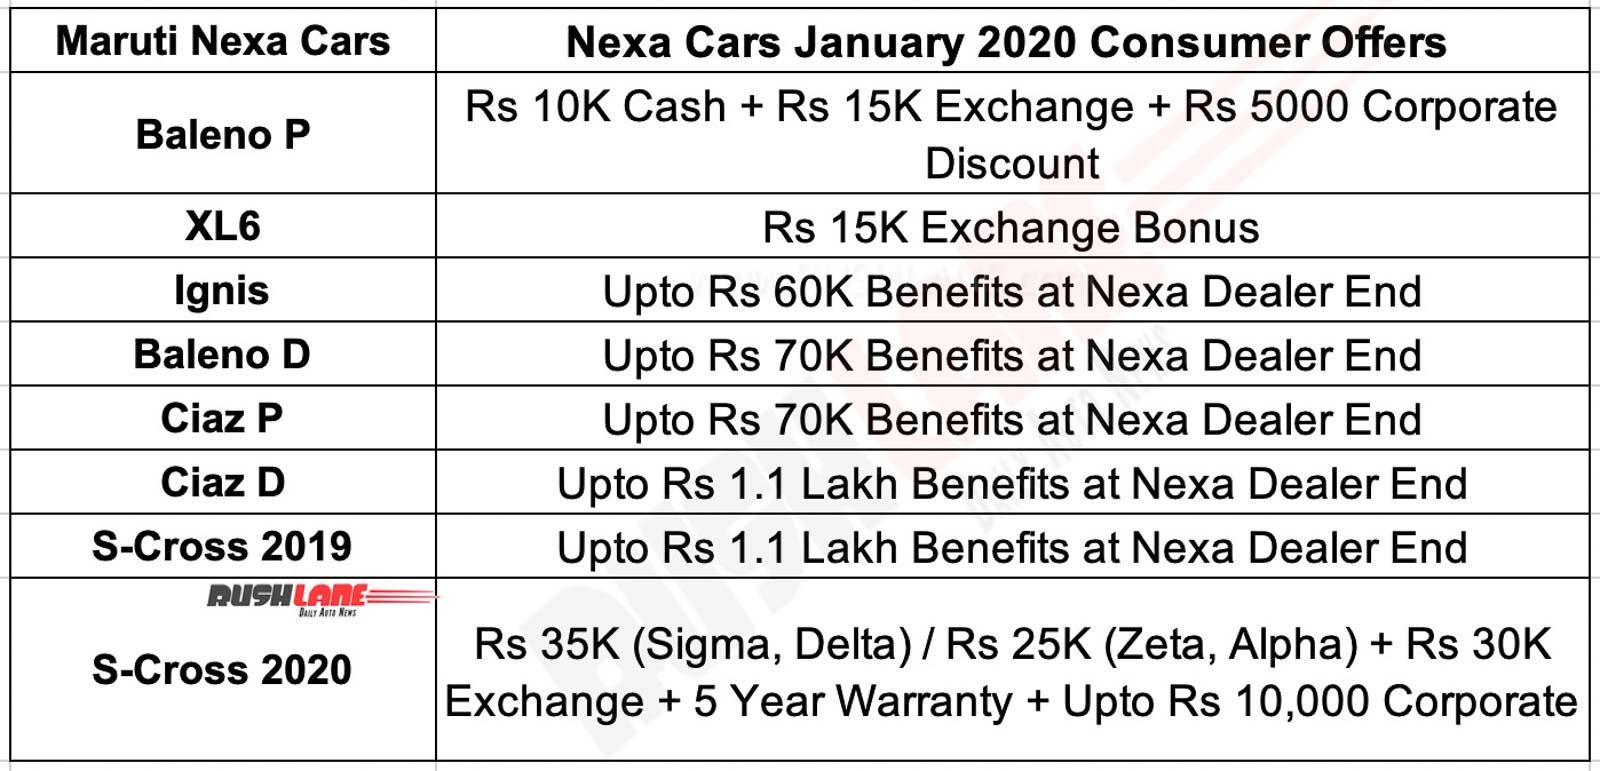 Maruti Nexa car discounts